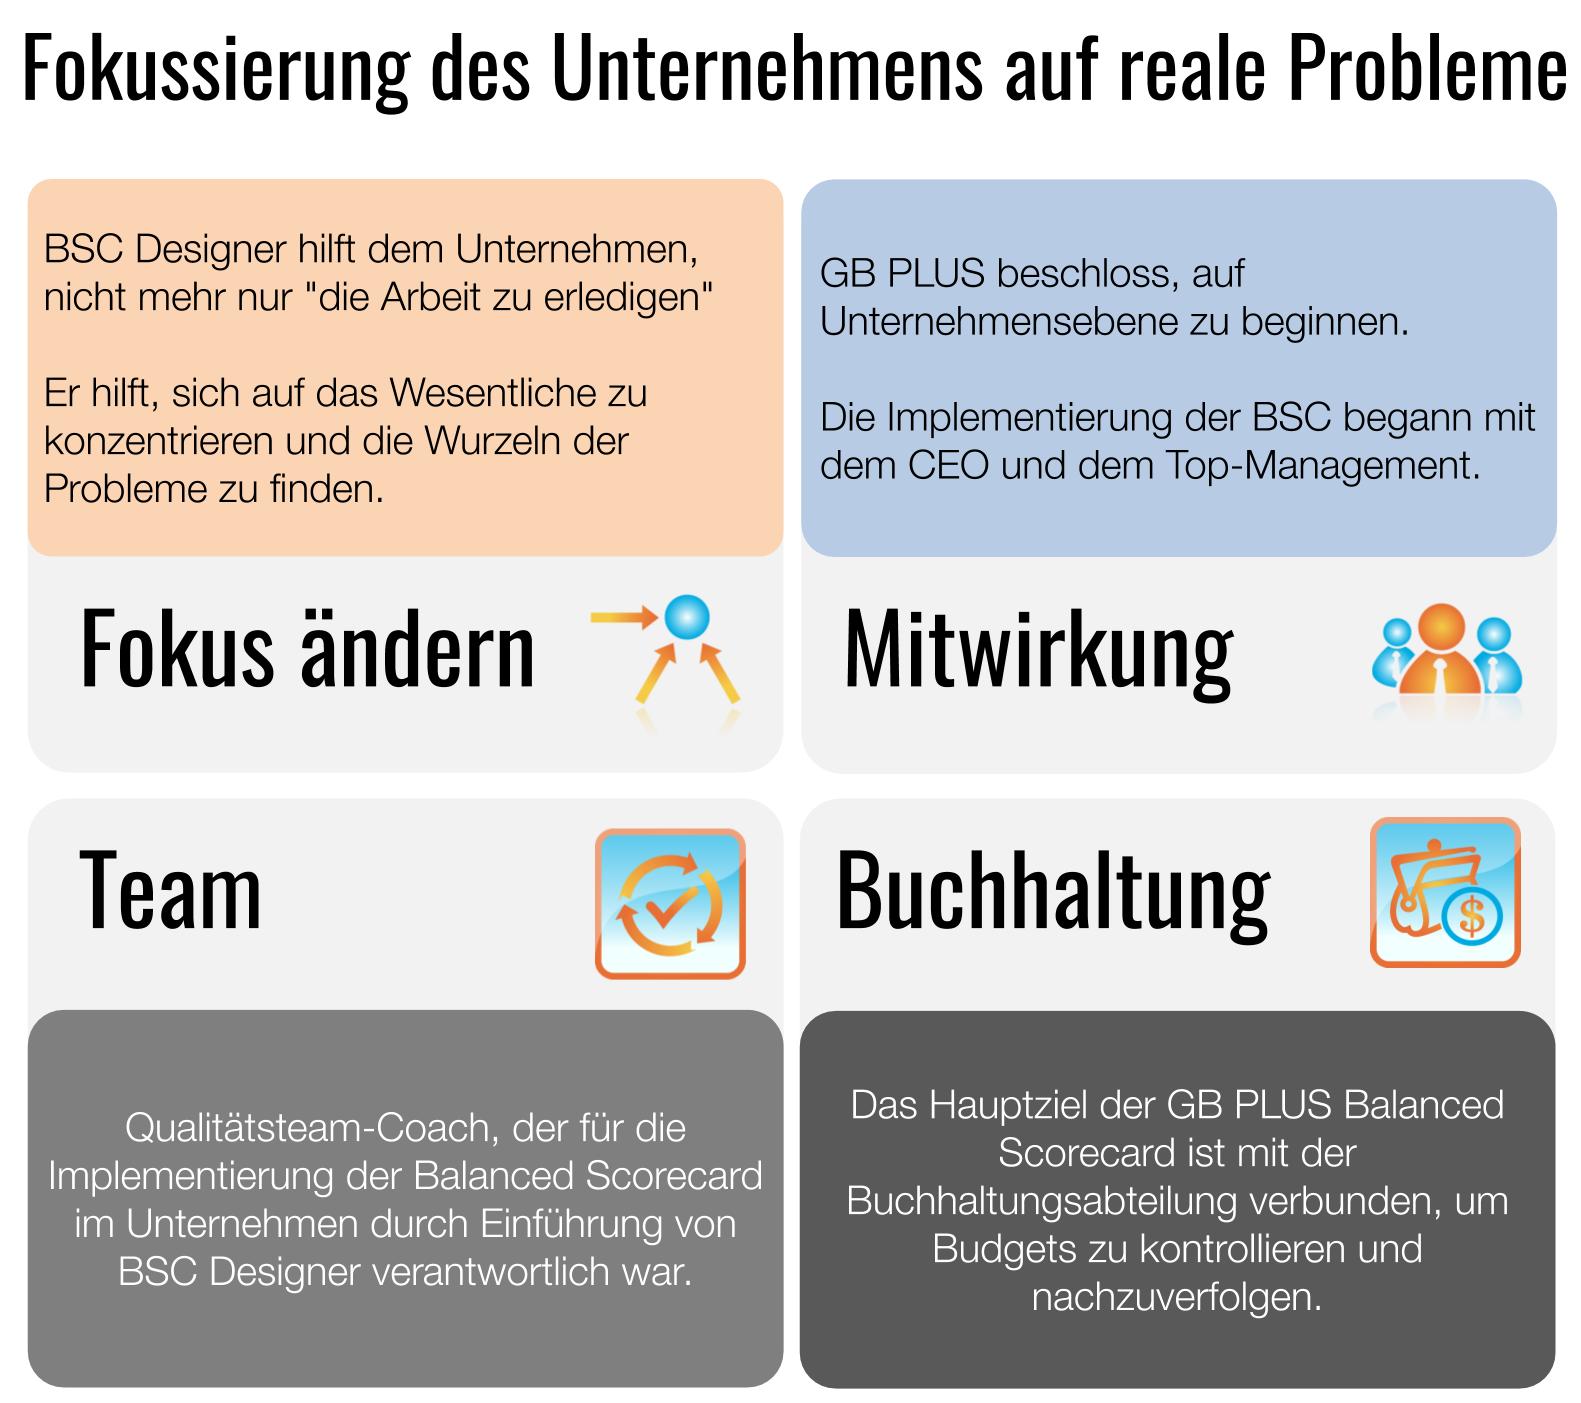 Fallstudie: Fokussierung des Unternehmens auf echte Probleme mit der Balanced Scorecard